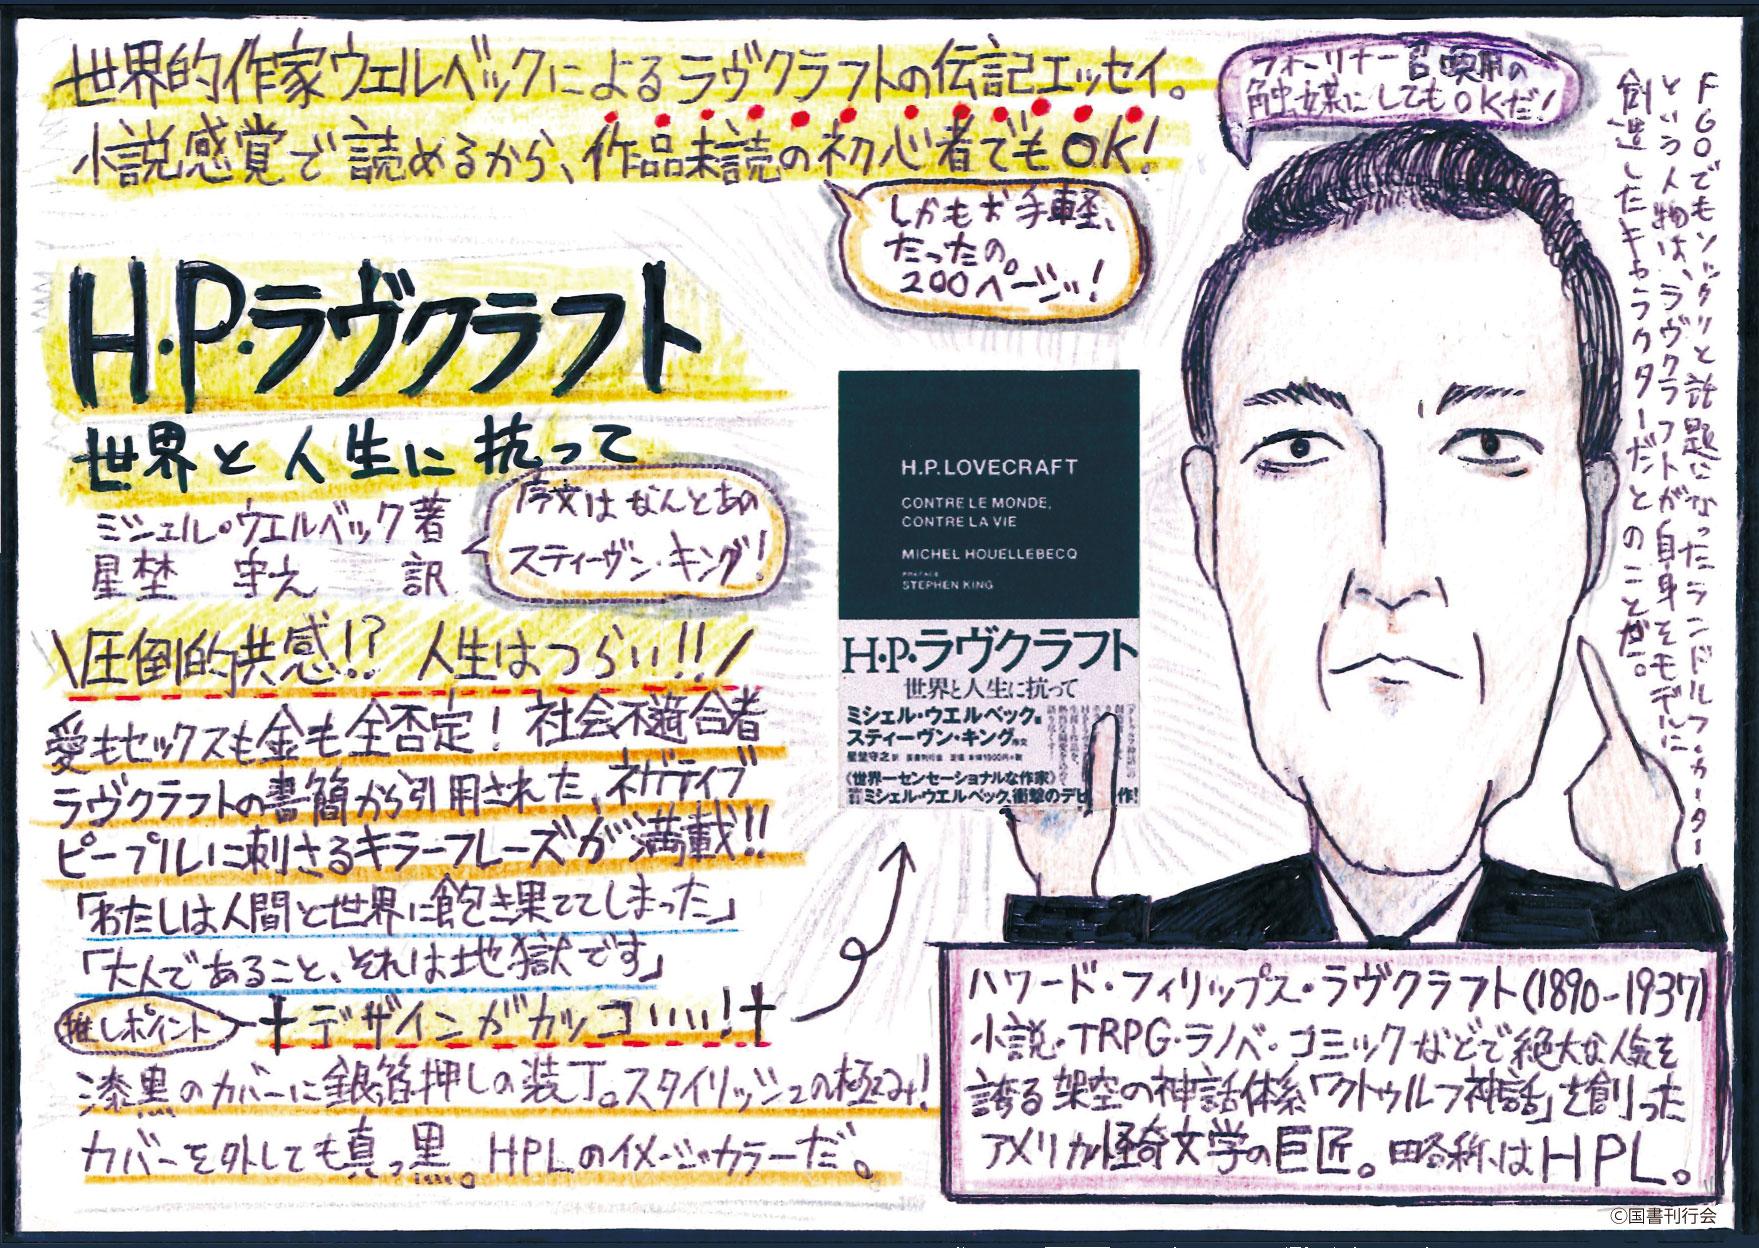 http://www.kokusho.co.jp/special/%E3%82%AF%E3%83%88%E3%82%A5%E3%83%AB%E3%83%952.jpg